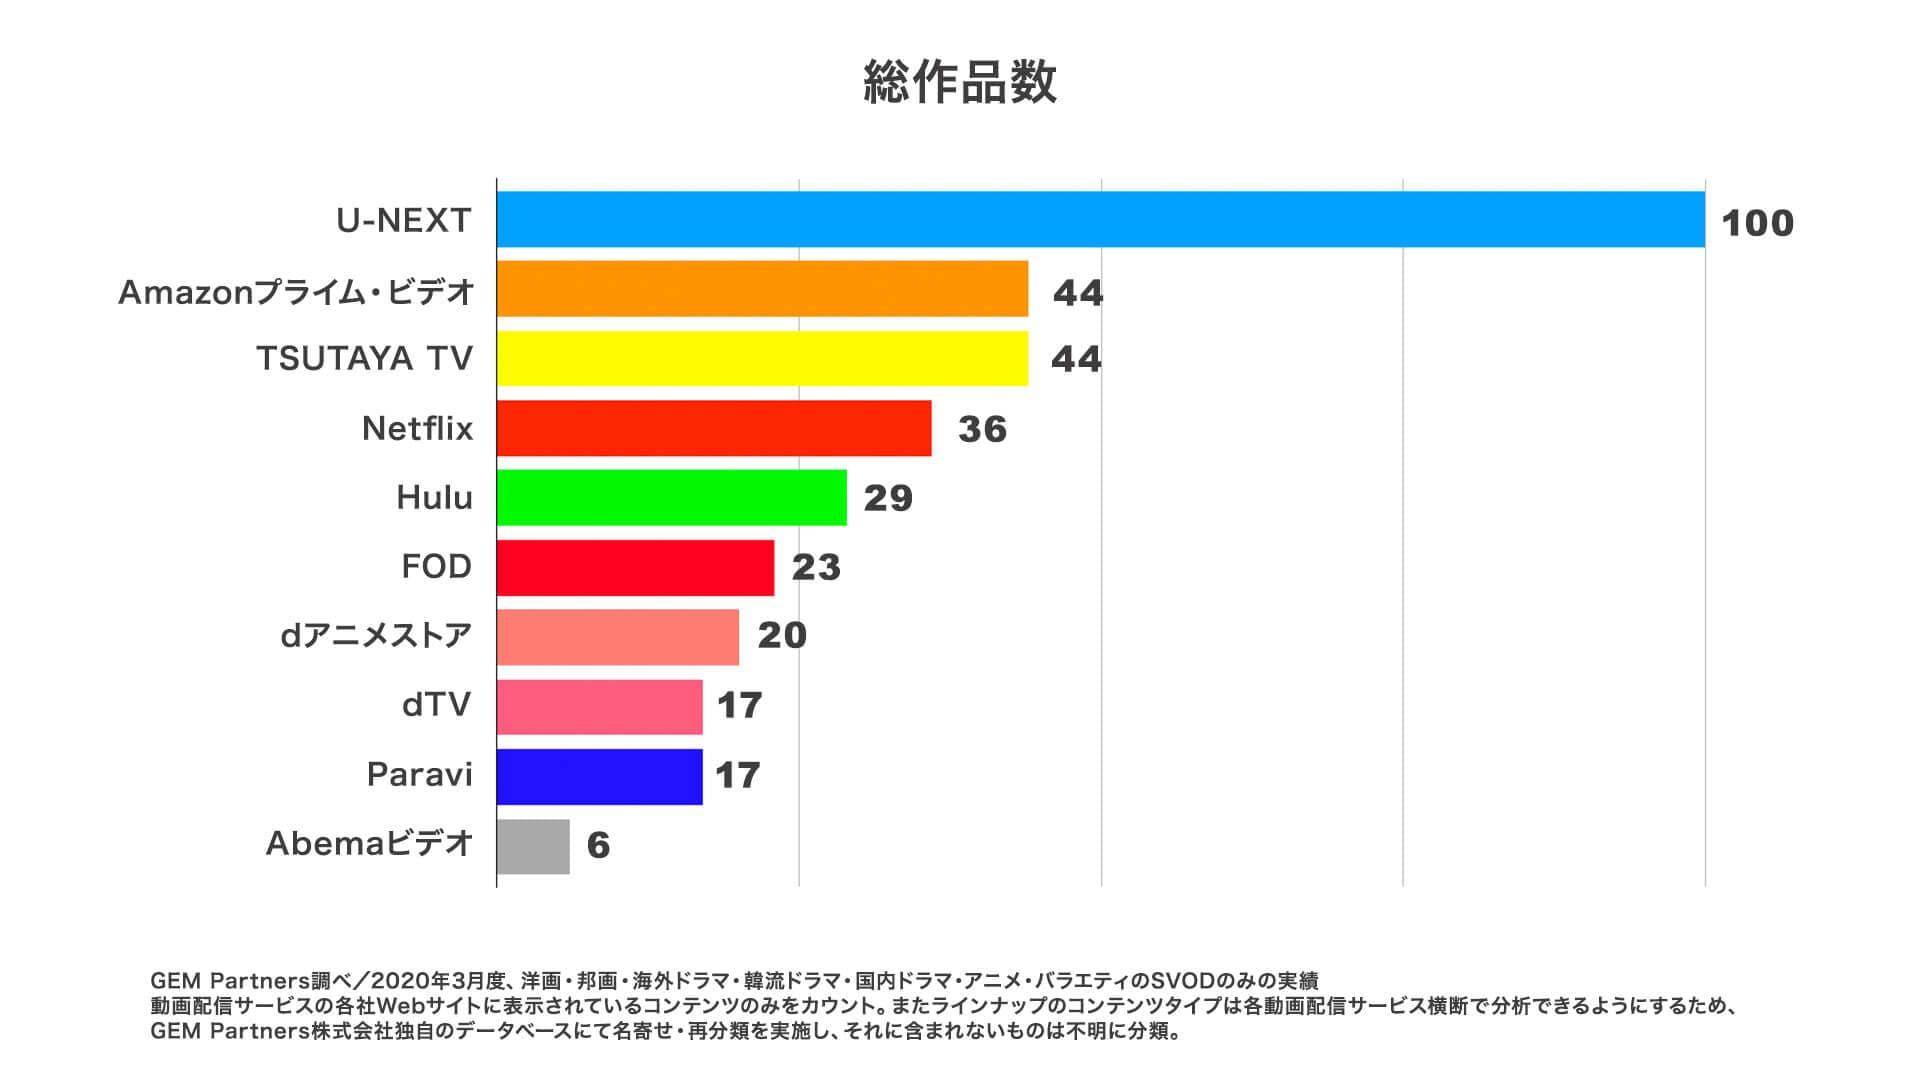 他の動画配信サービスと総作品数を比較